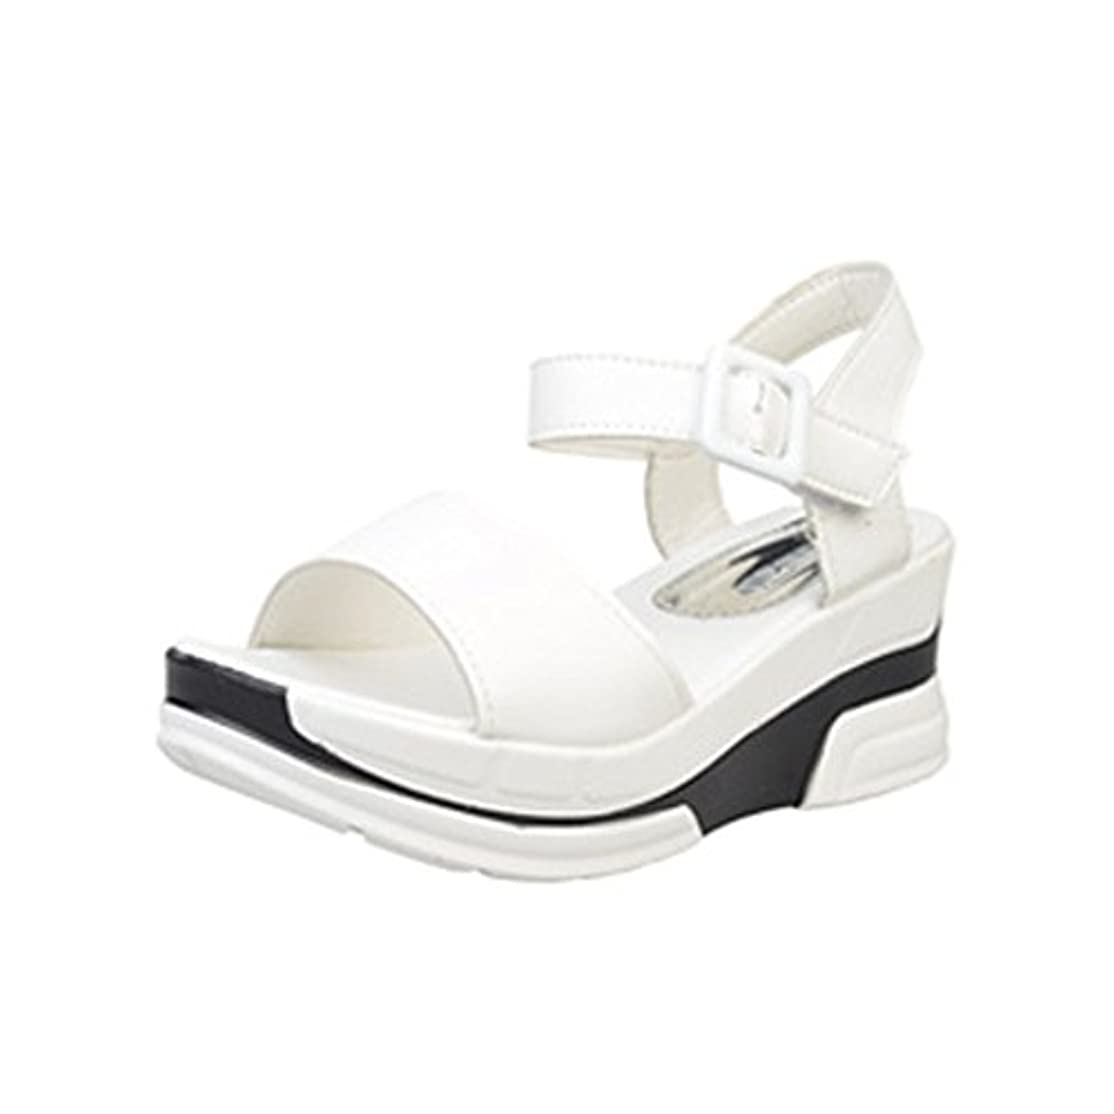 家畜コンプライアンス動[シューズ Foreted] サンダル フラット アンクルストラップ 美脚 フォーマル 厚底 おしゃれ 夏 歩きやすい コンフォート ウェッジソール ぺたんこ靴 可愛い